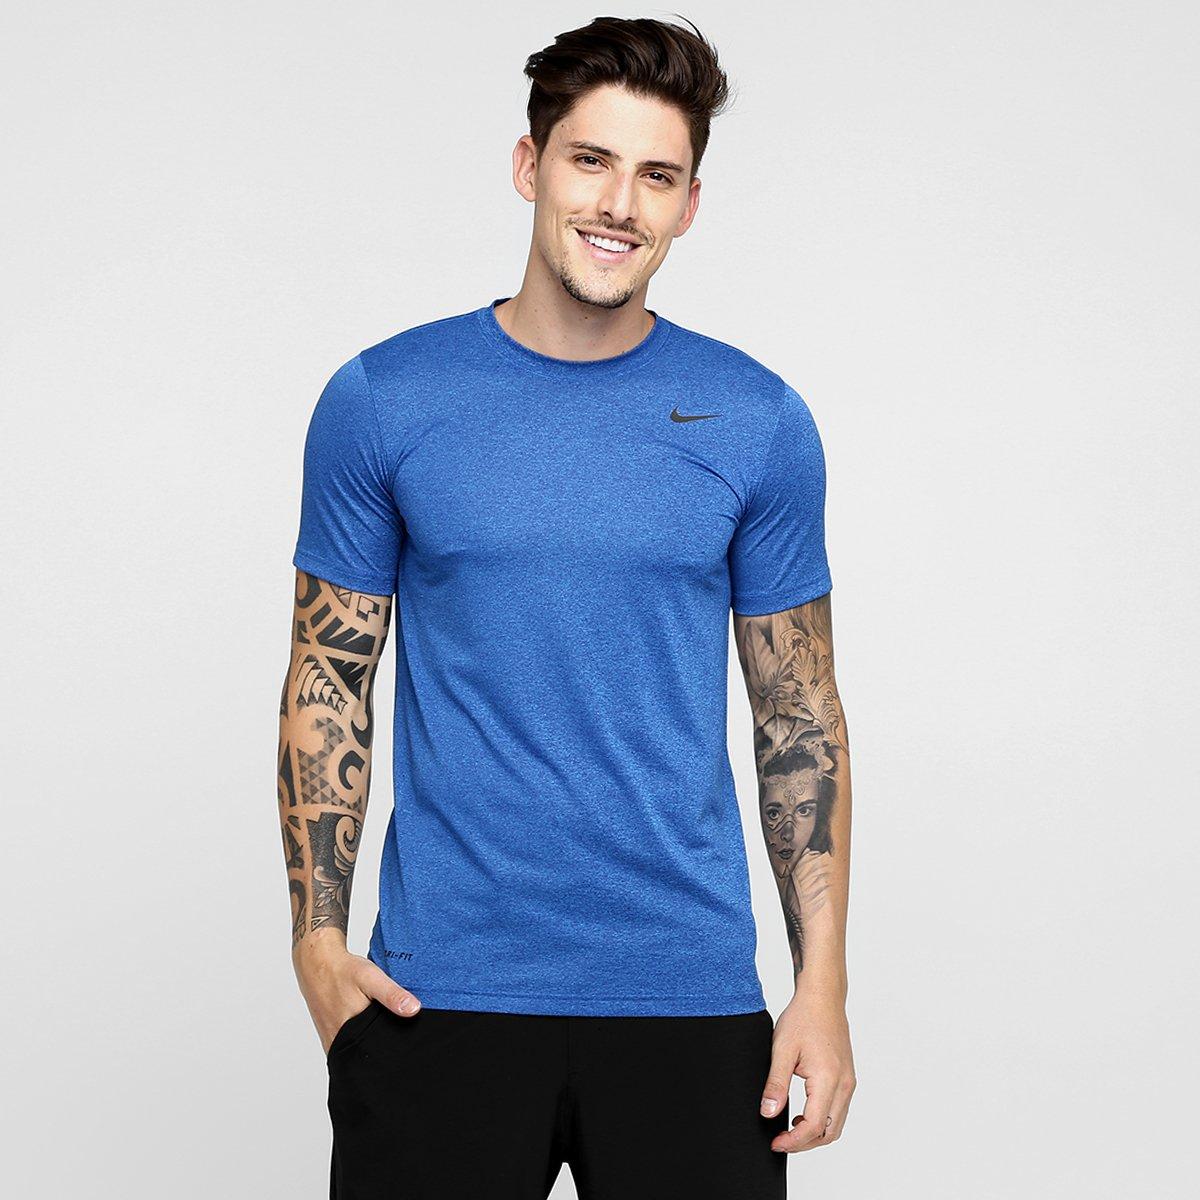 75e5a0d710944 Camiseta Nike Legend 2.0 Ss Masculina - Azul - Compre Agora